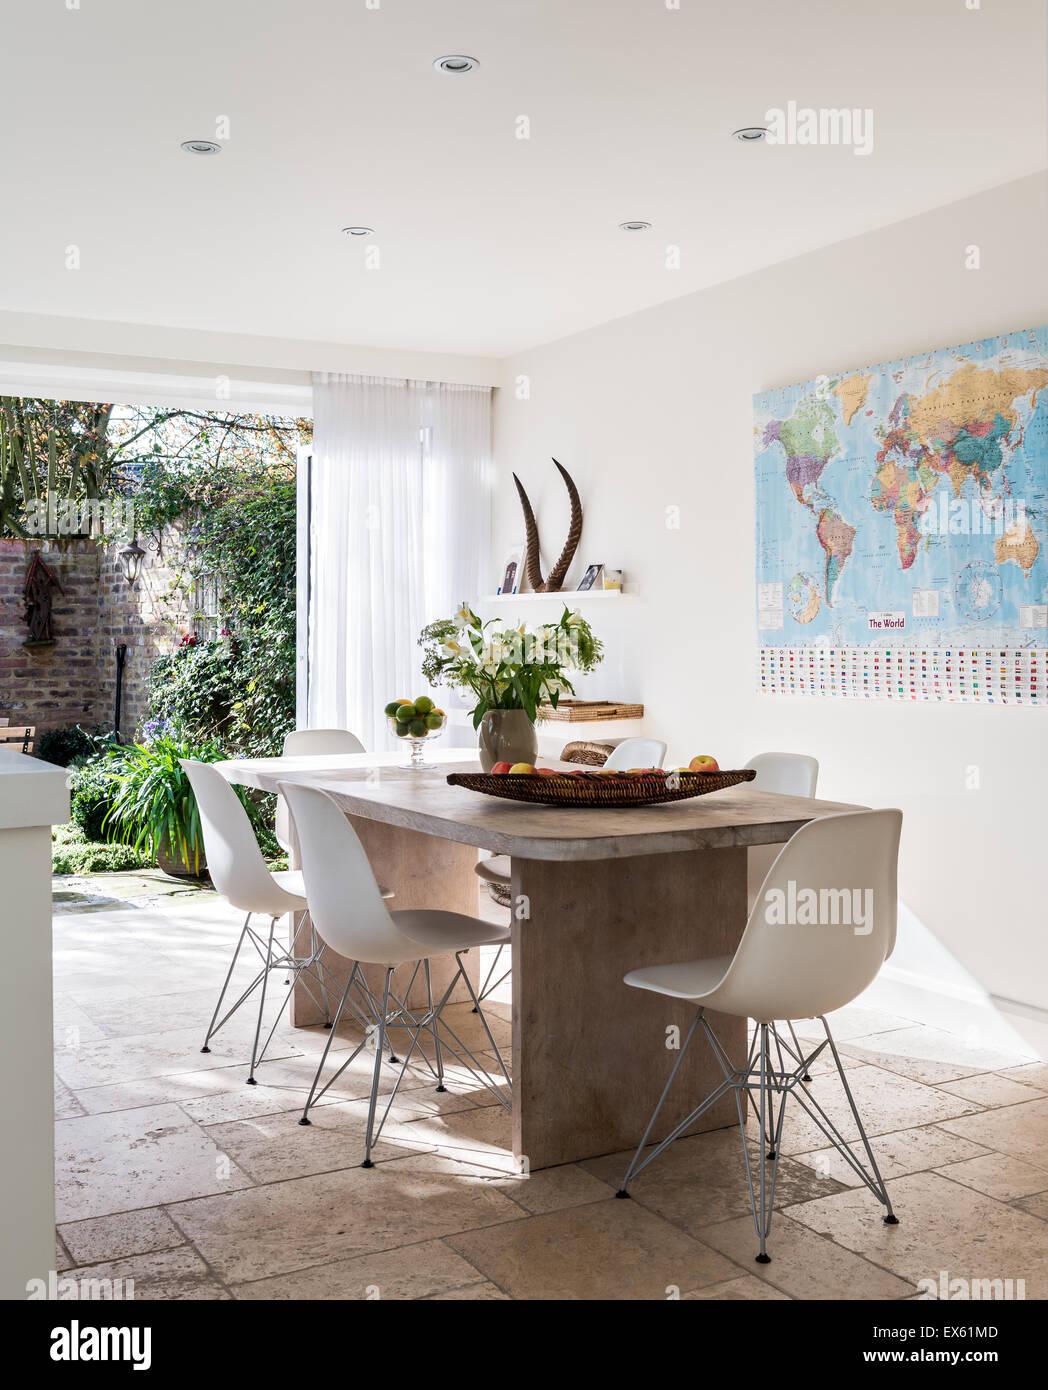 Weiße Kunststoff Eames Stühle Um Benutzerdefinierte Gemacht Tisch Von Kalk  Und Gewachster Eiche Stockbild